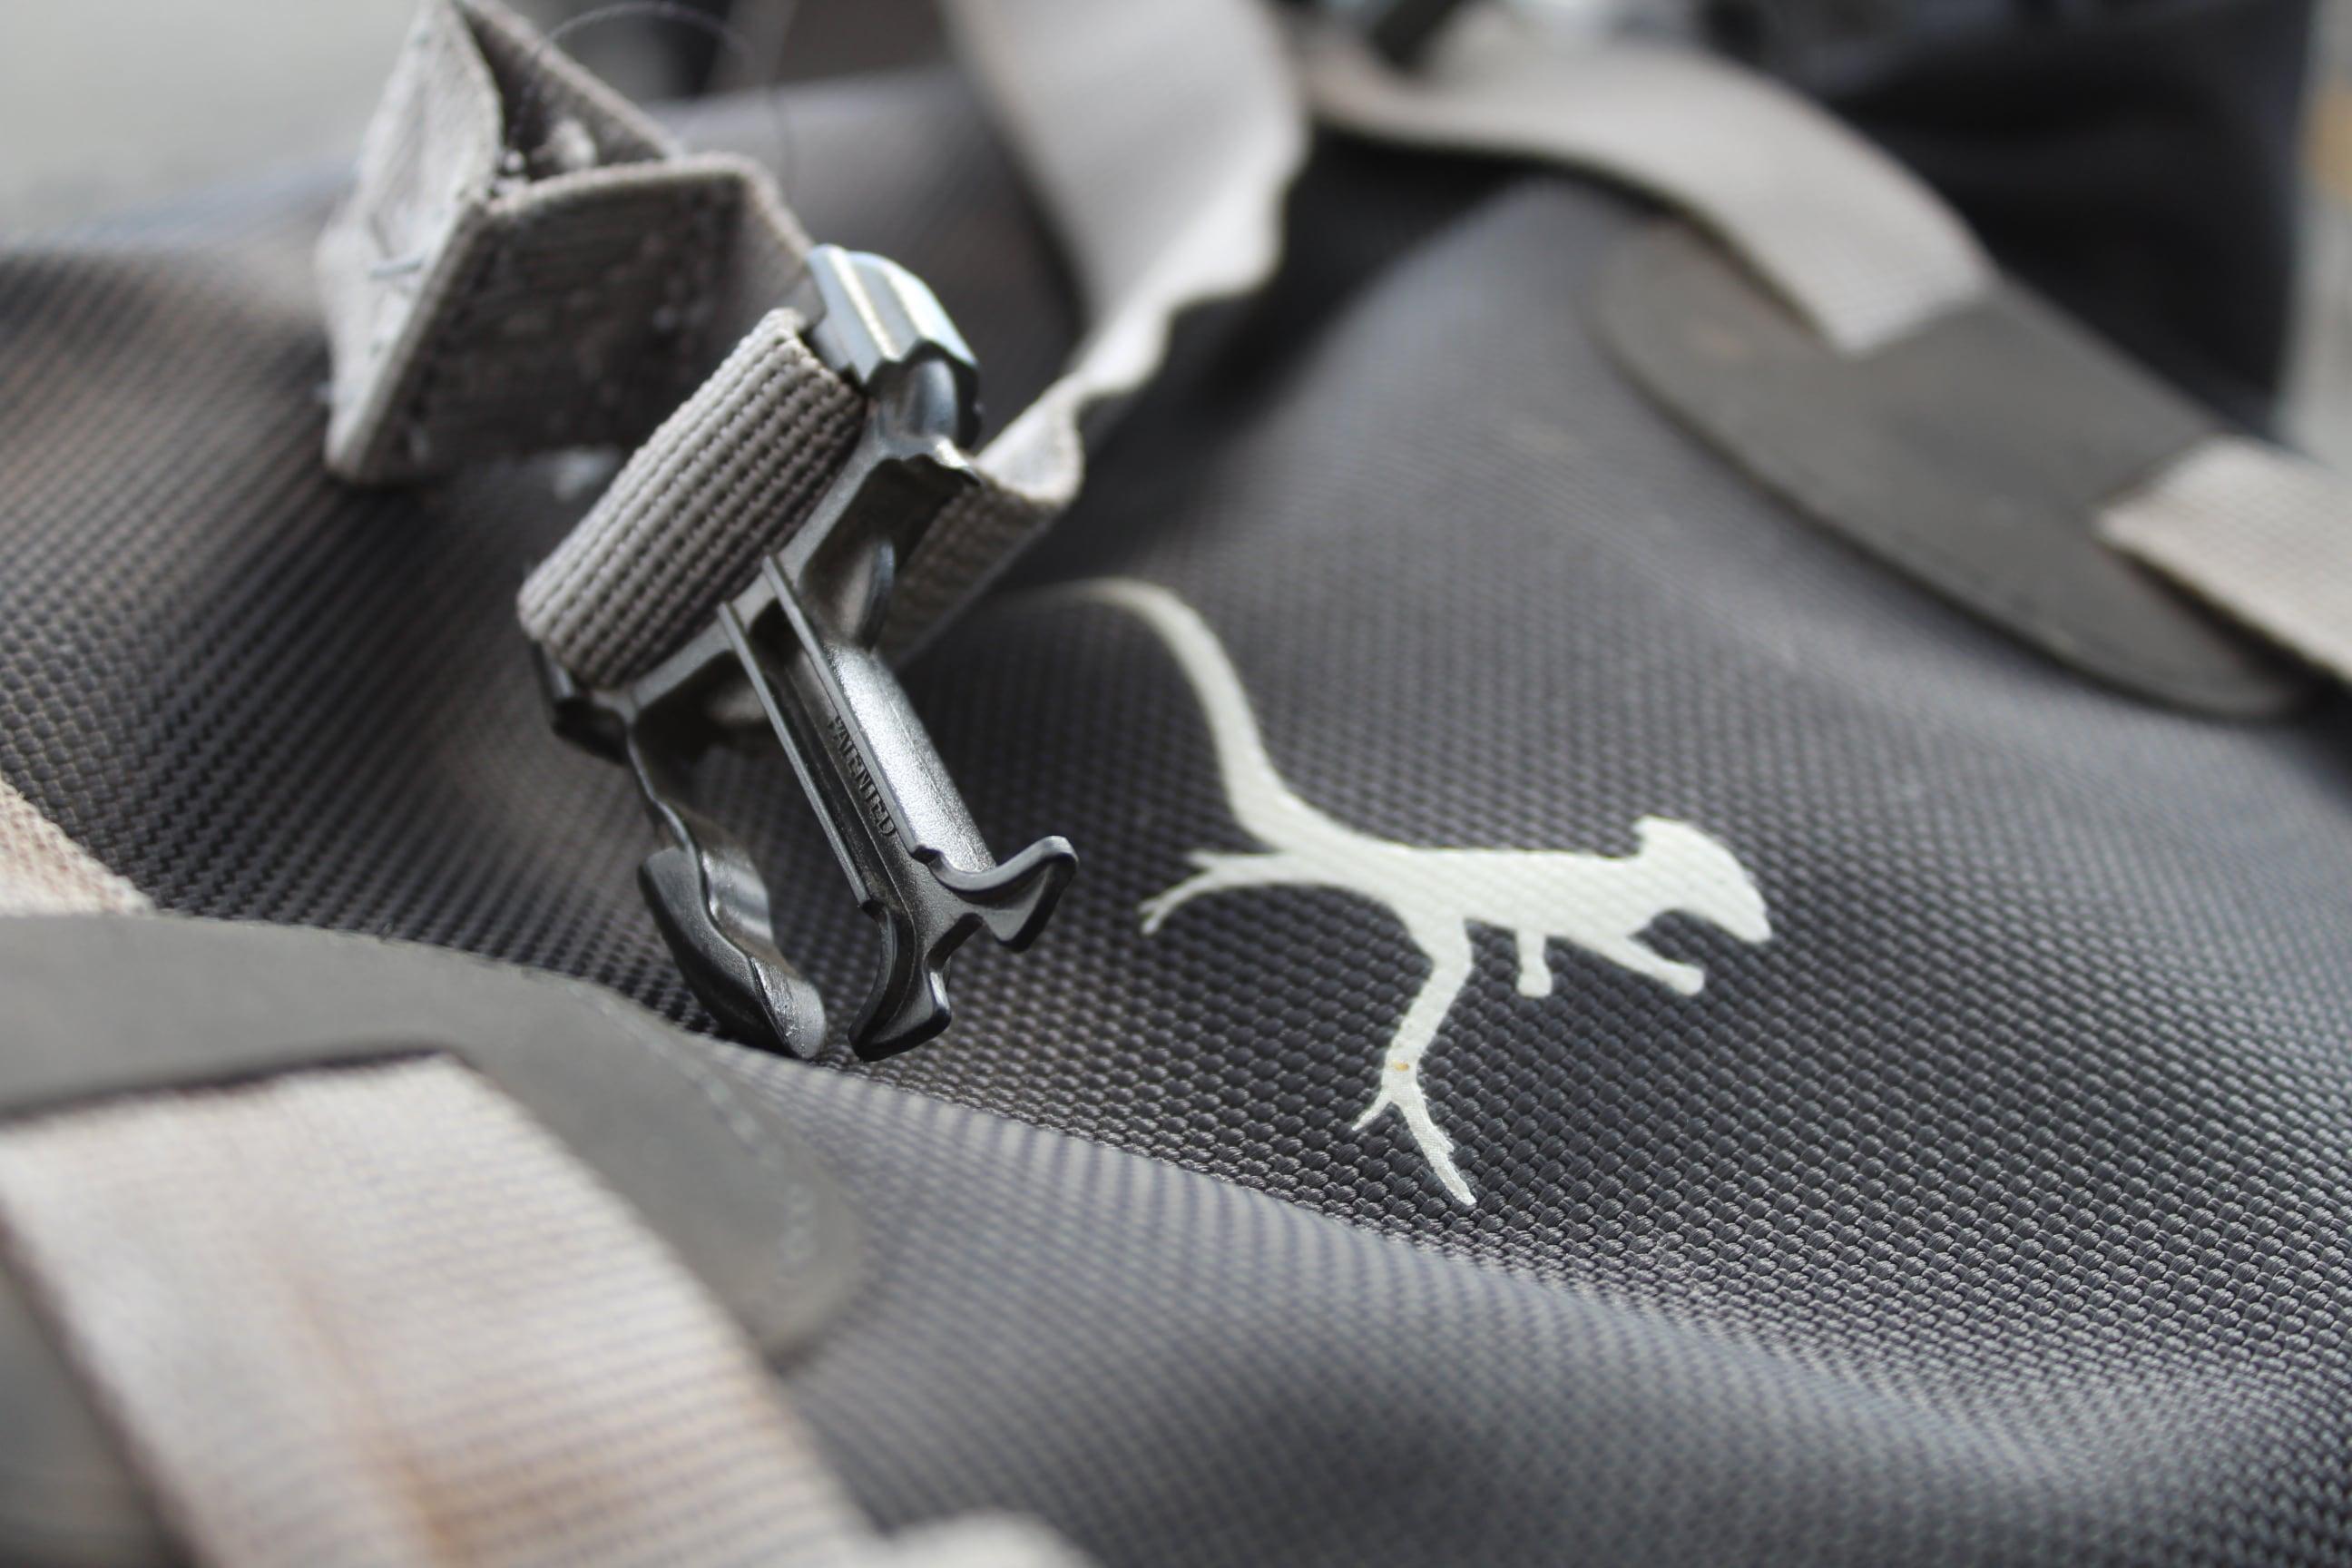 fixing broken buckle on moto bag